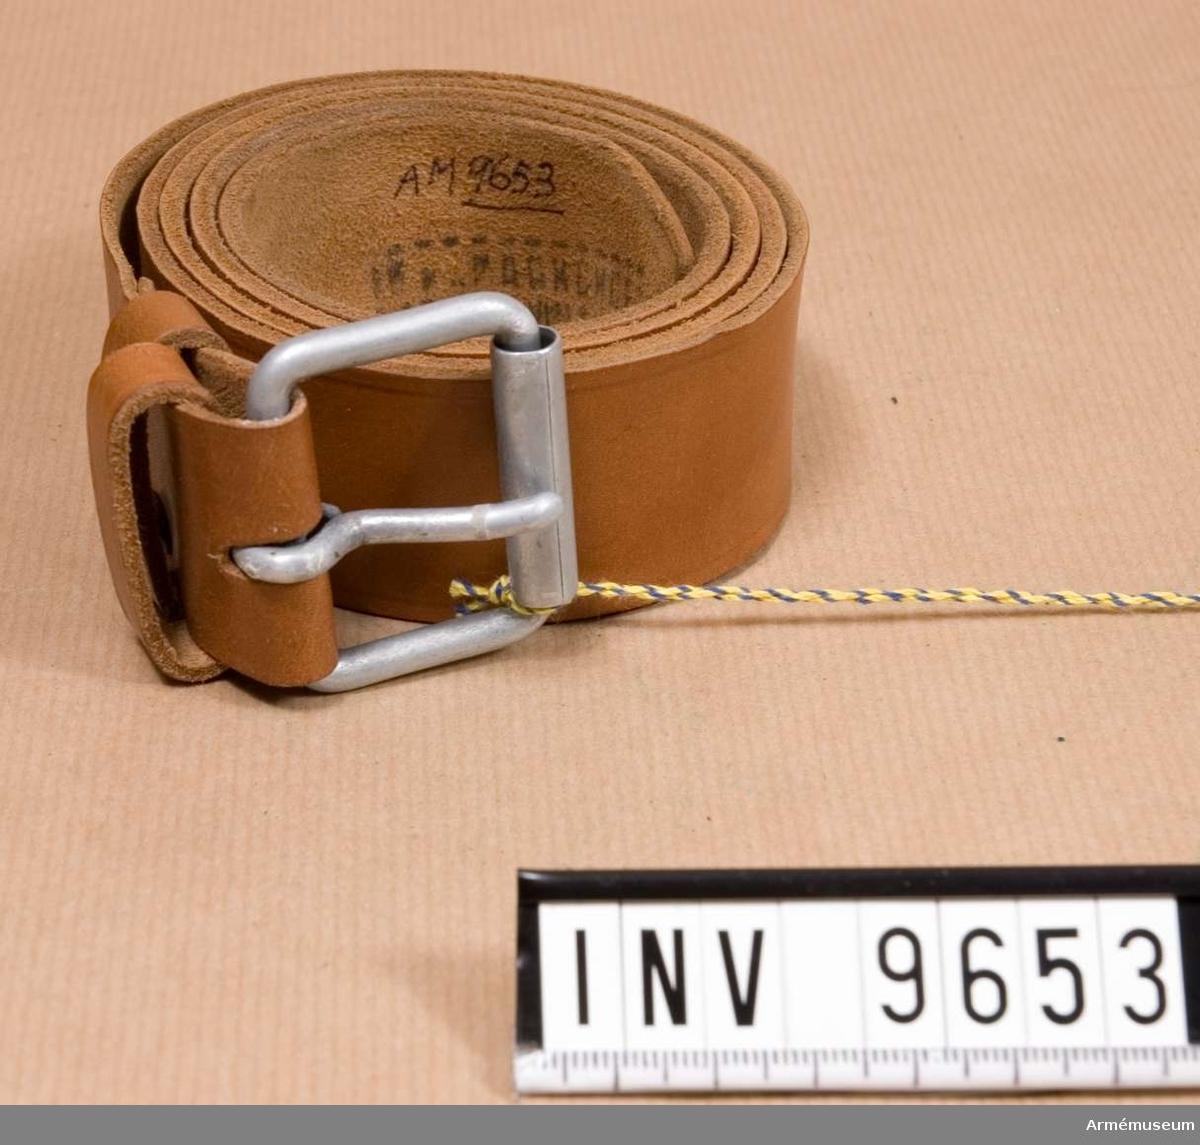 Samhörande nr är 9495-9499 + 8319-8324 + 9651-9658. Livrem infanteriet, soldat Röda armén 1943.Av ljust läder med matt stålspänne.  Märkt på avigsidan med ryska bokstäver och 1967.1986-09-03